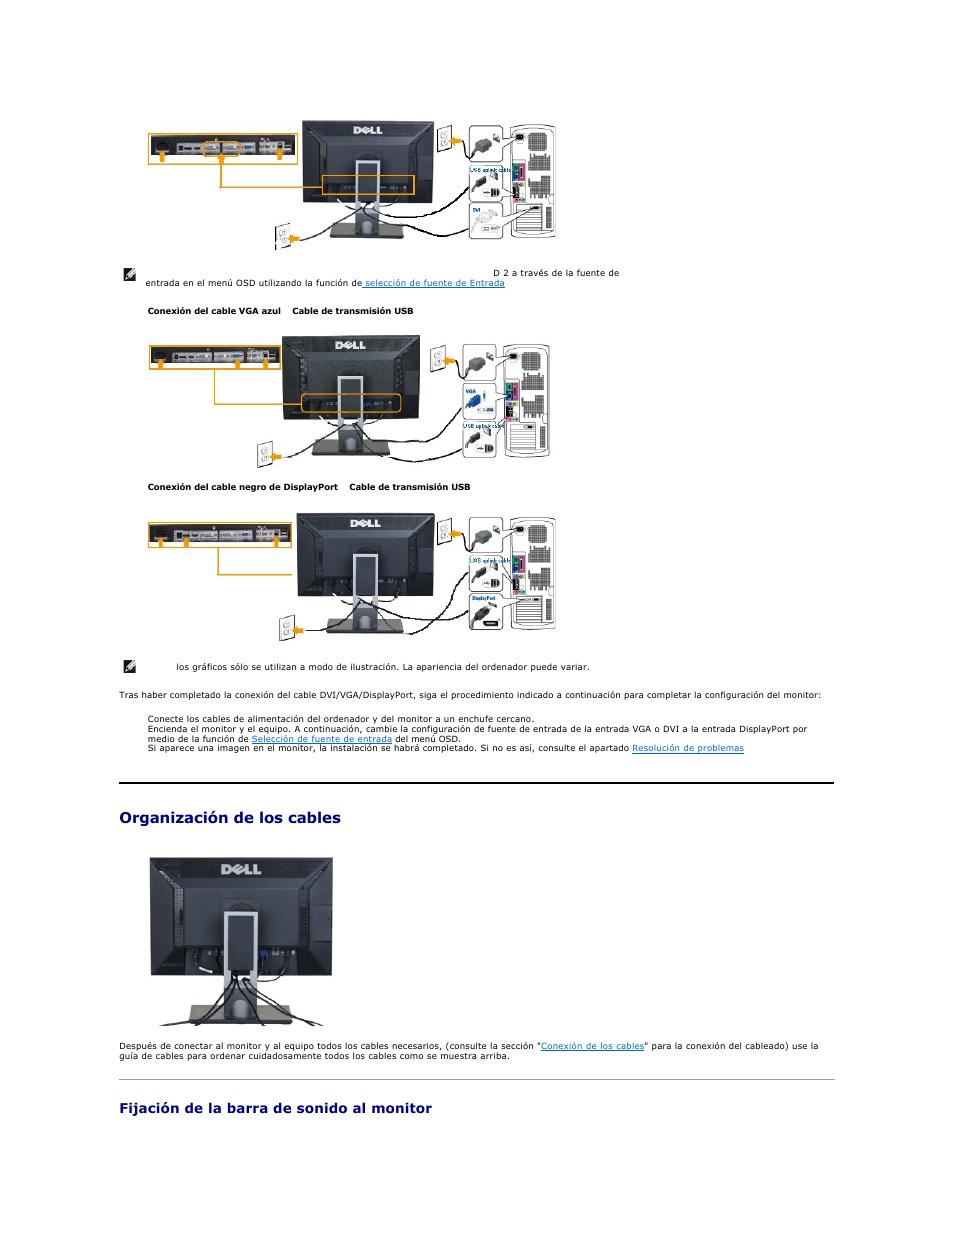 organizaci n de los cables fijaci n de la barra de sonido al rh pdfmanuales com Dell U2412 Inputs Dell U2410